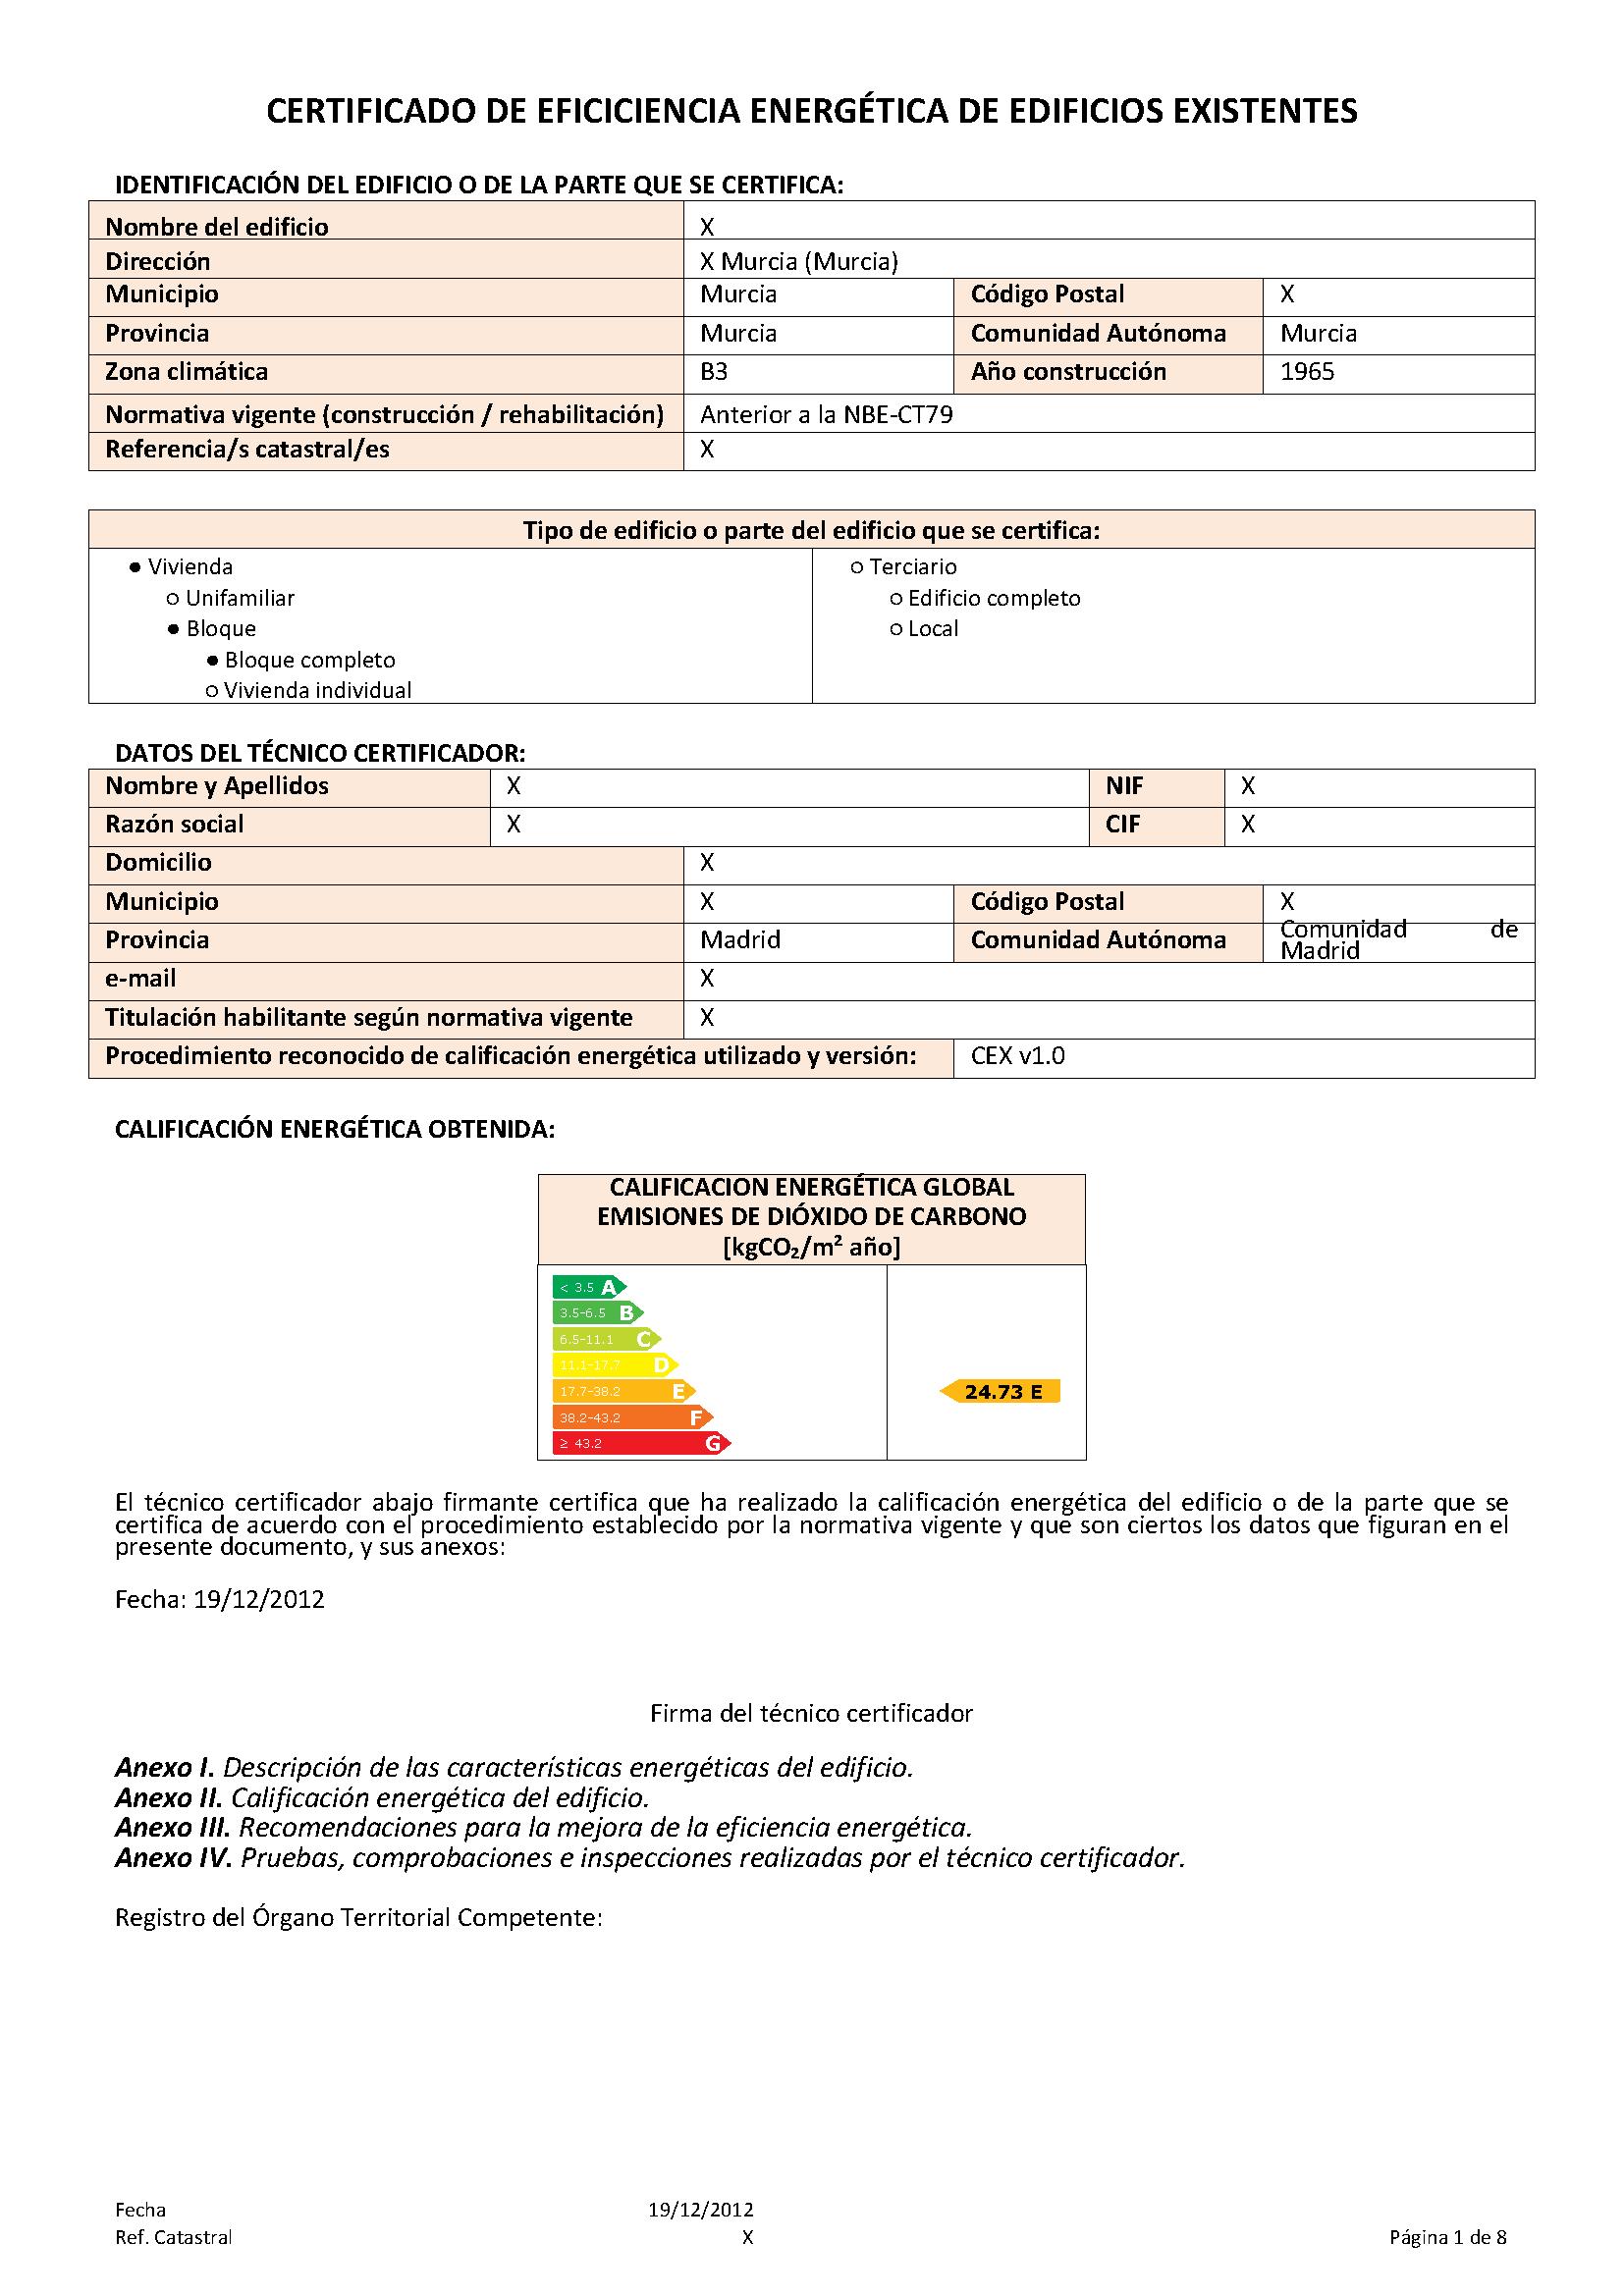 Ejemplo de certificado energetico con ce3x p gina 1 goiener - Ejemplo certificado energetico piso ...